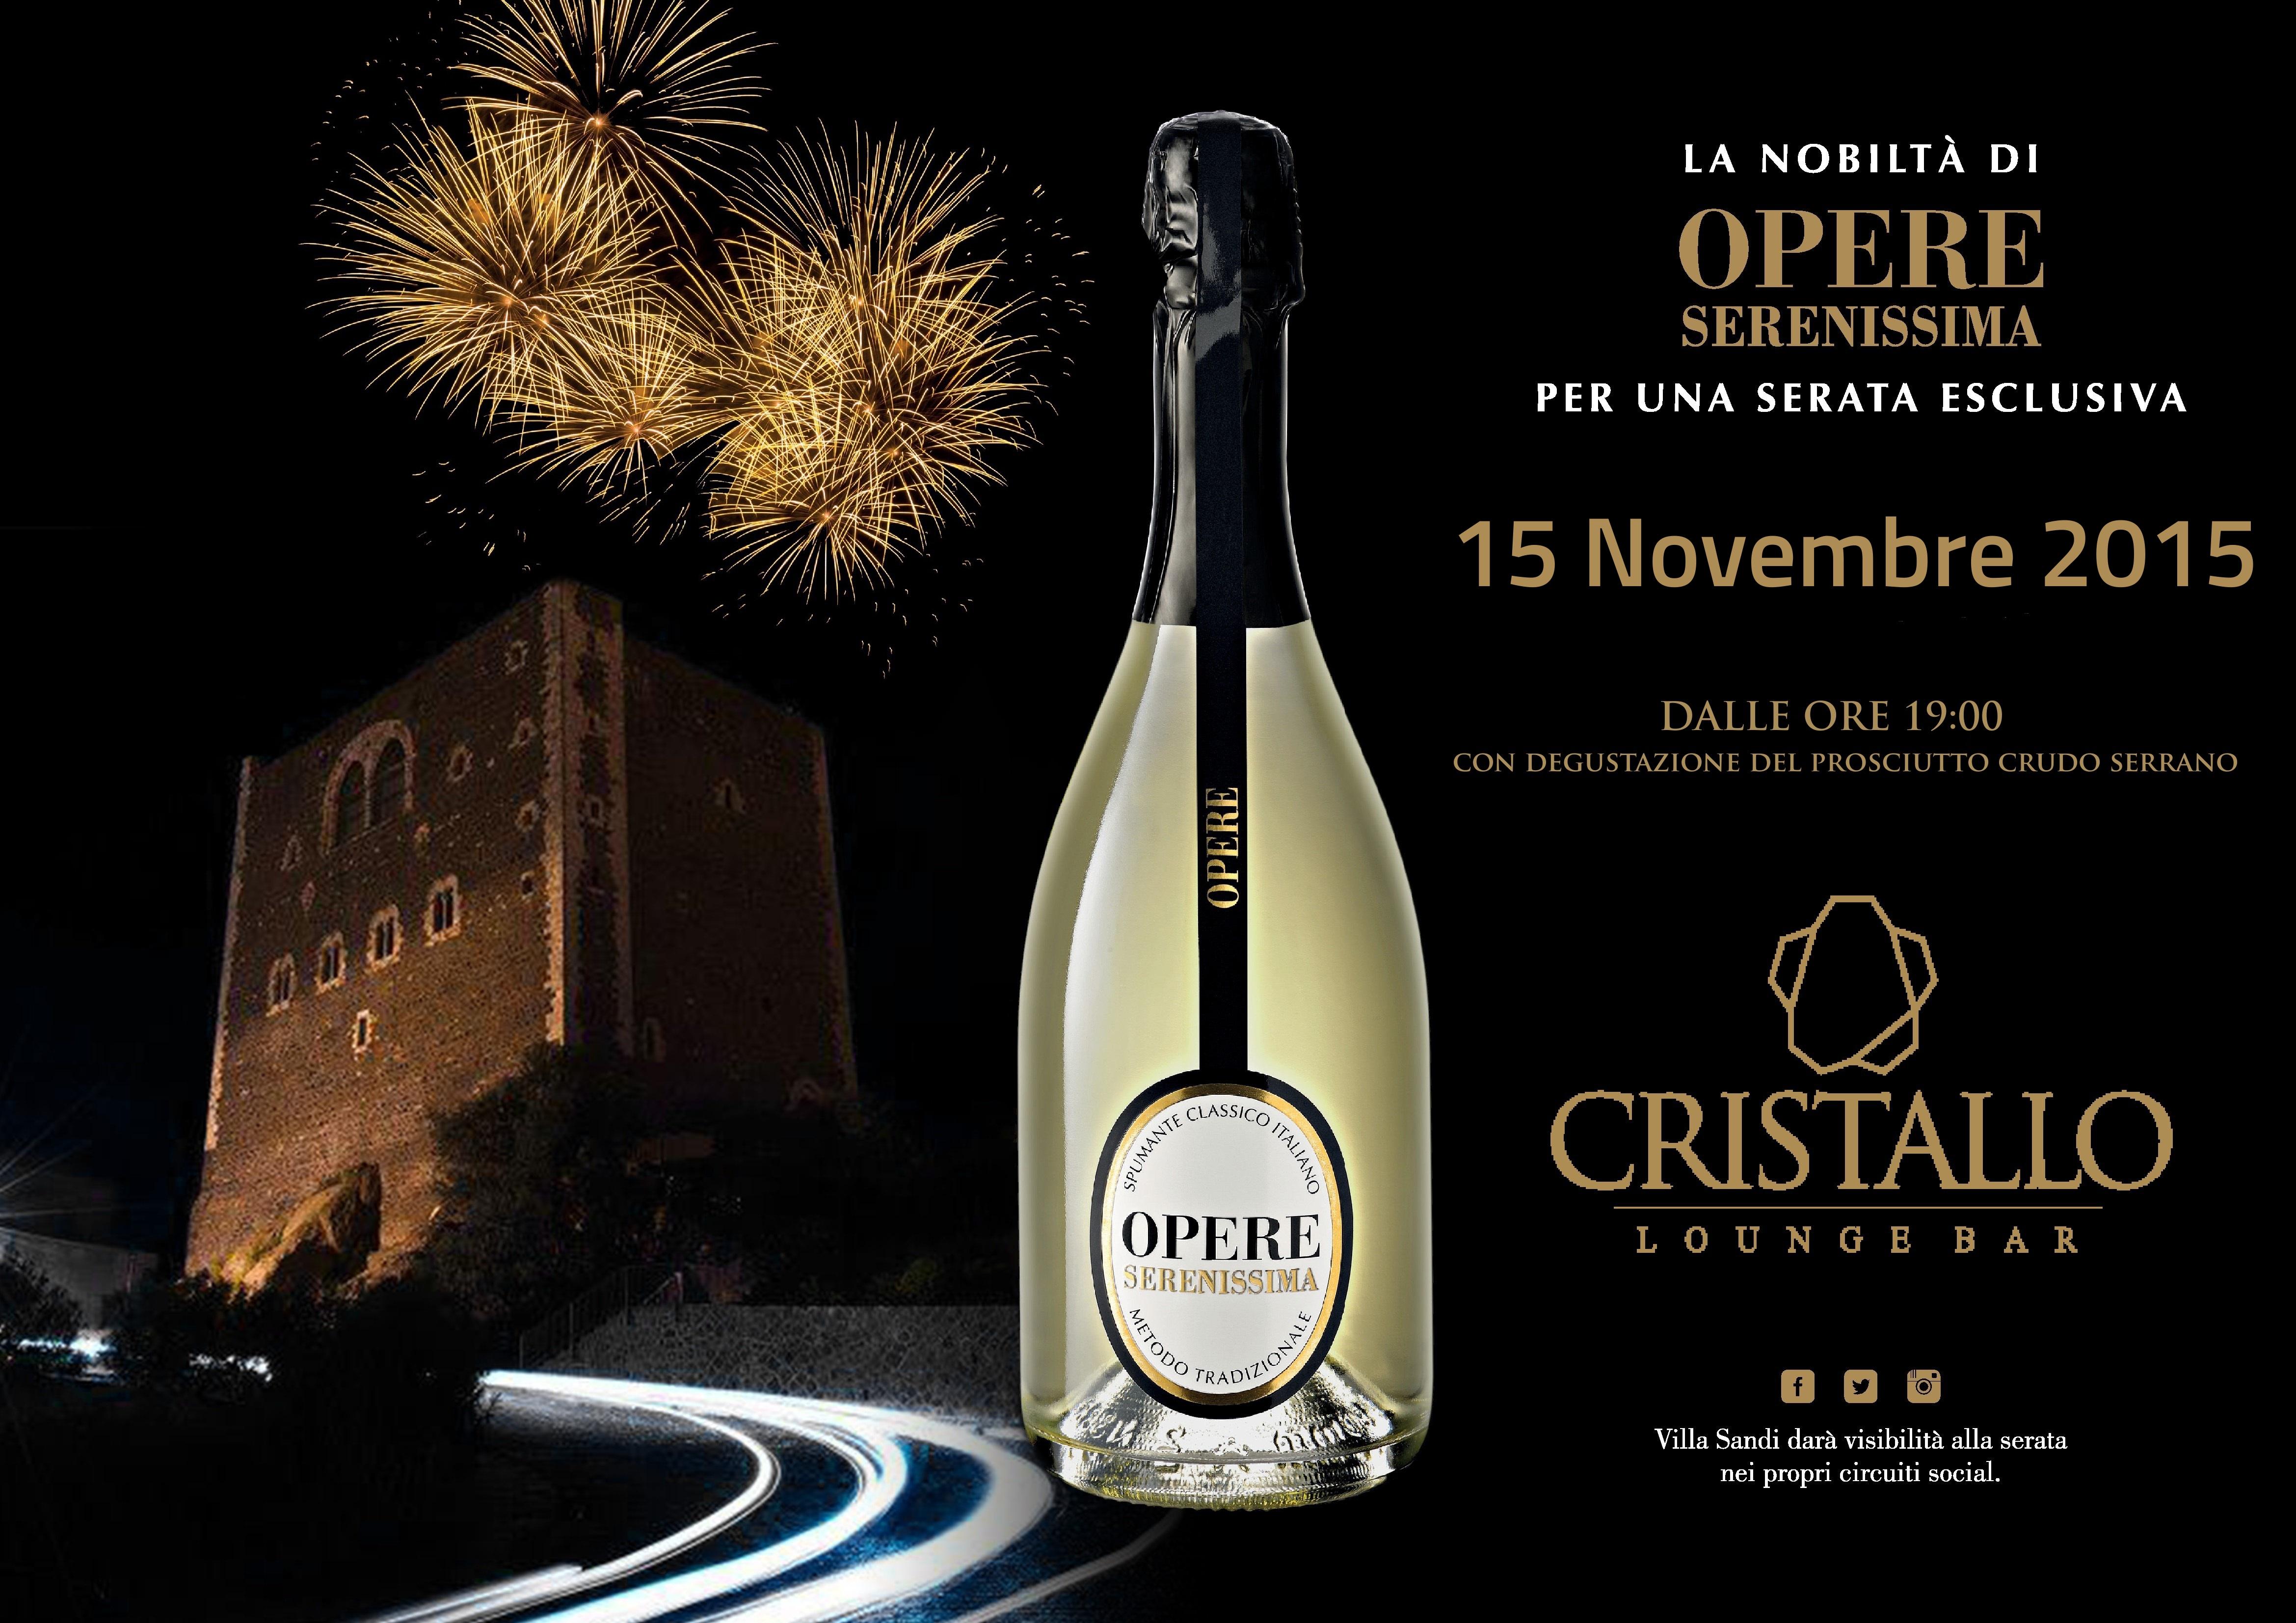 opere serenissima evento cristallo 15 Novembre 2015